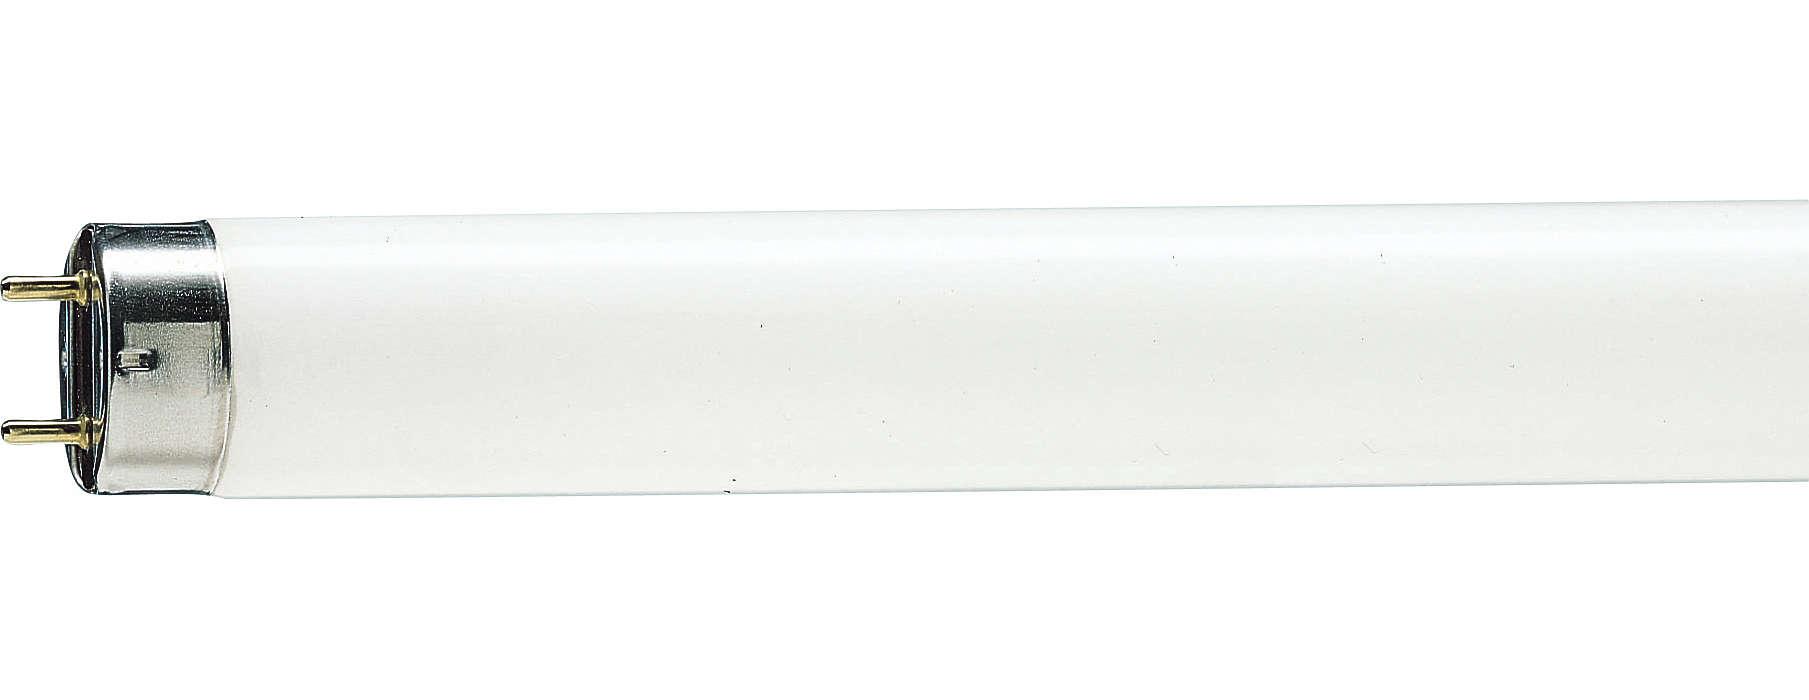 MASTER TL-D 79er Lichtfarbe